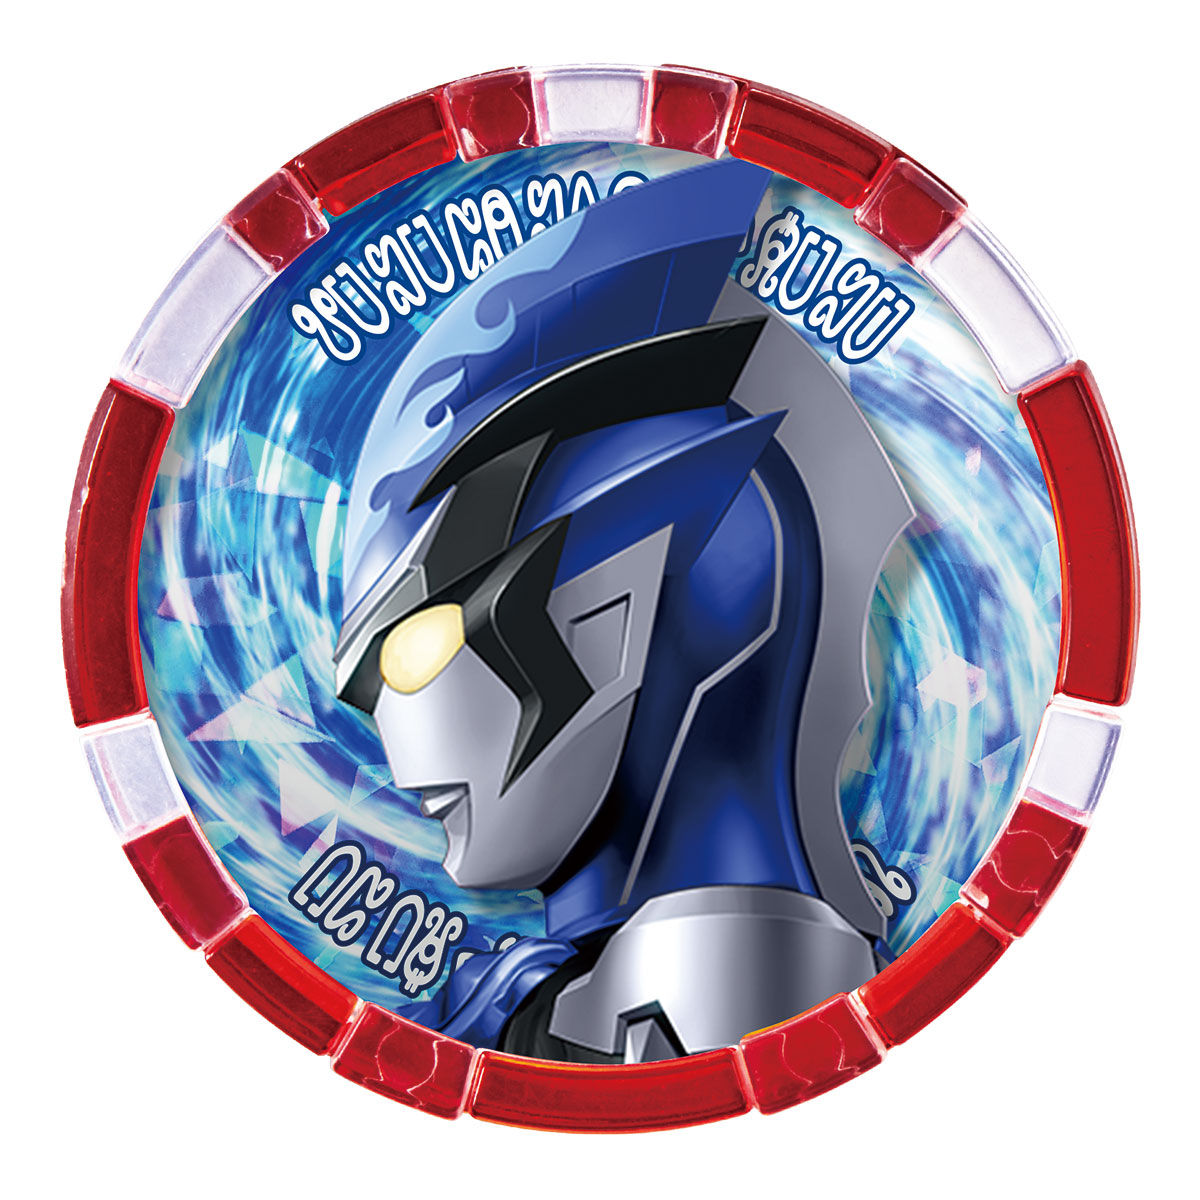 DXウルトラメダルSP ニュージェネレーションヒーローズセット